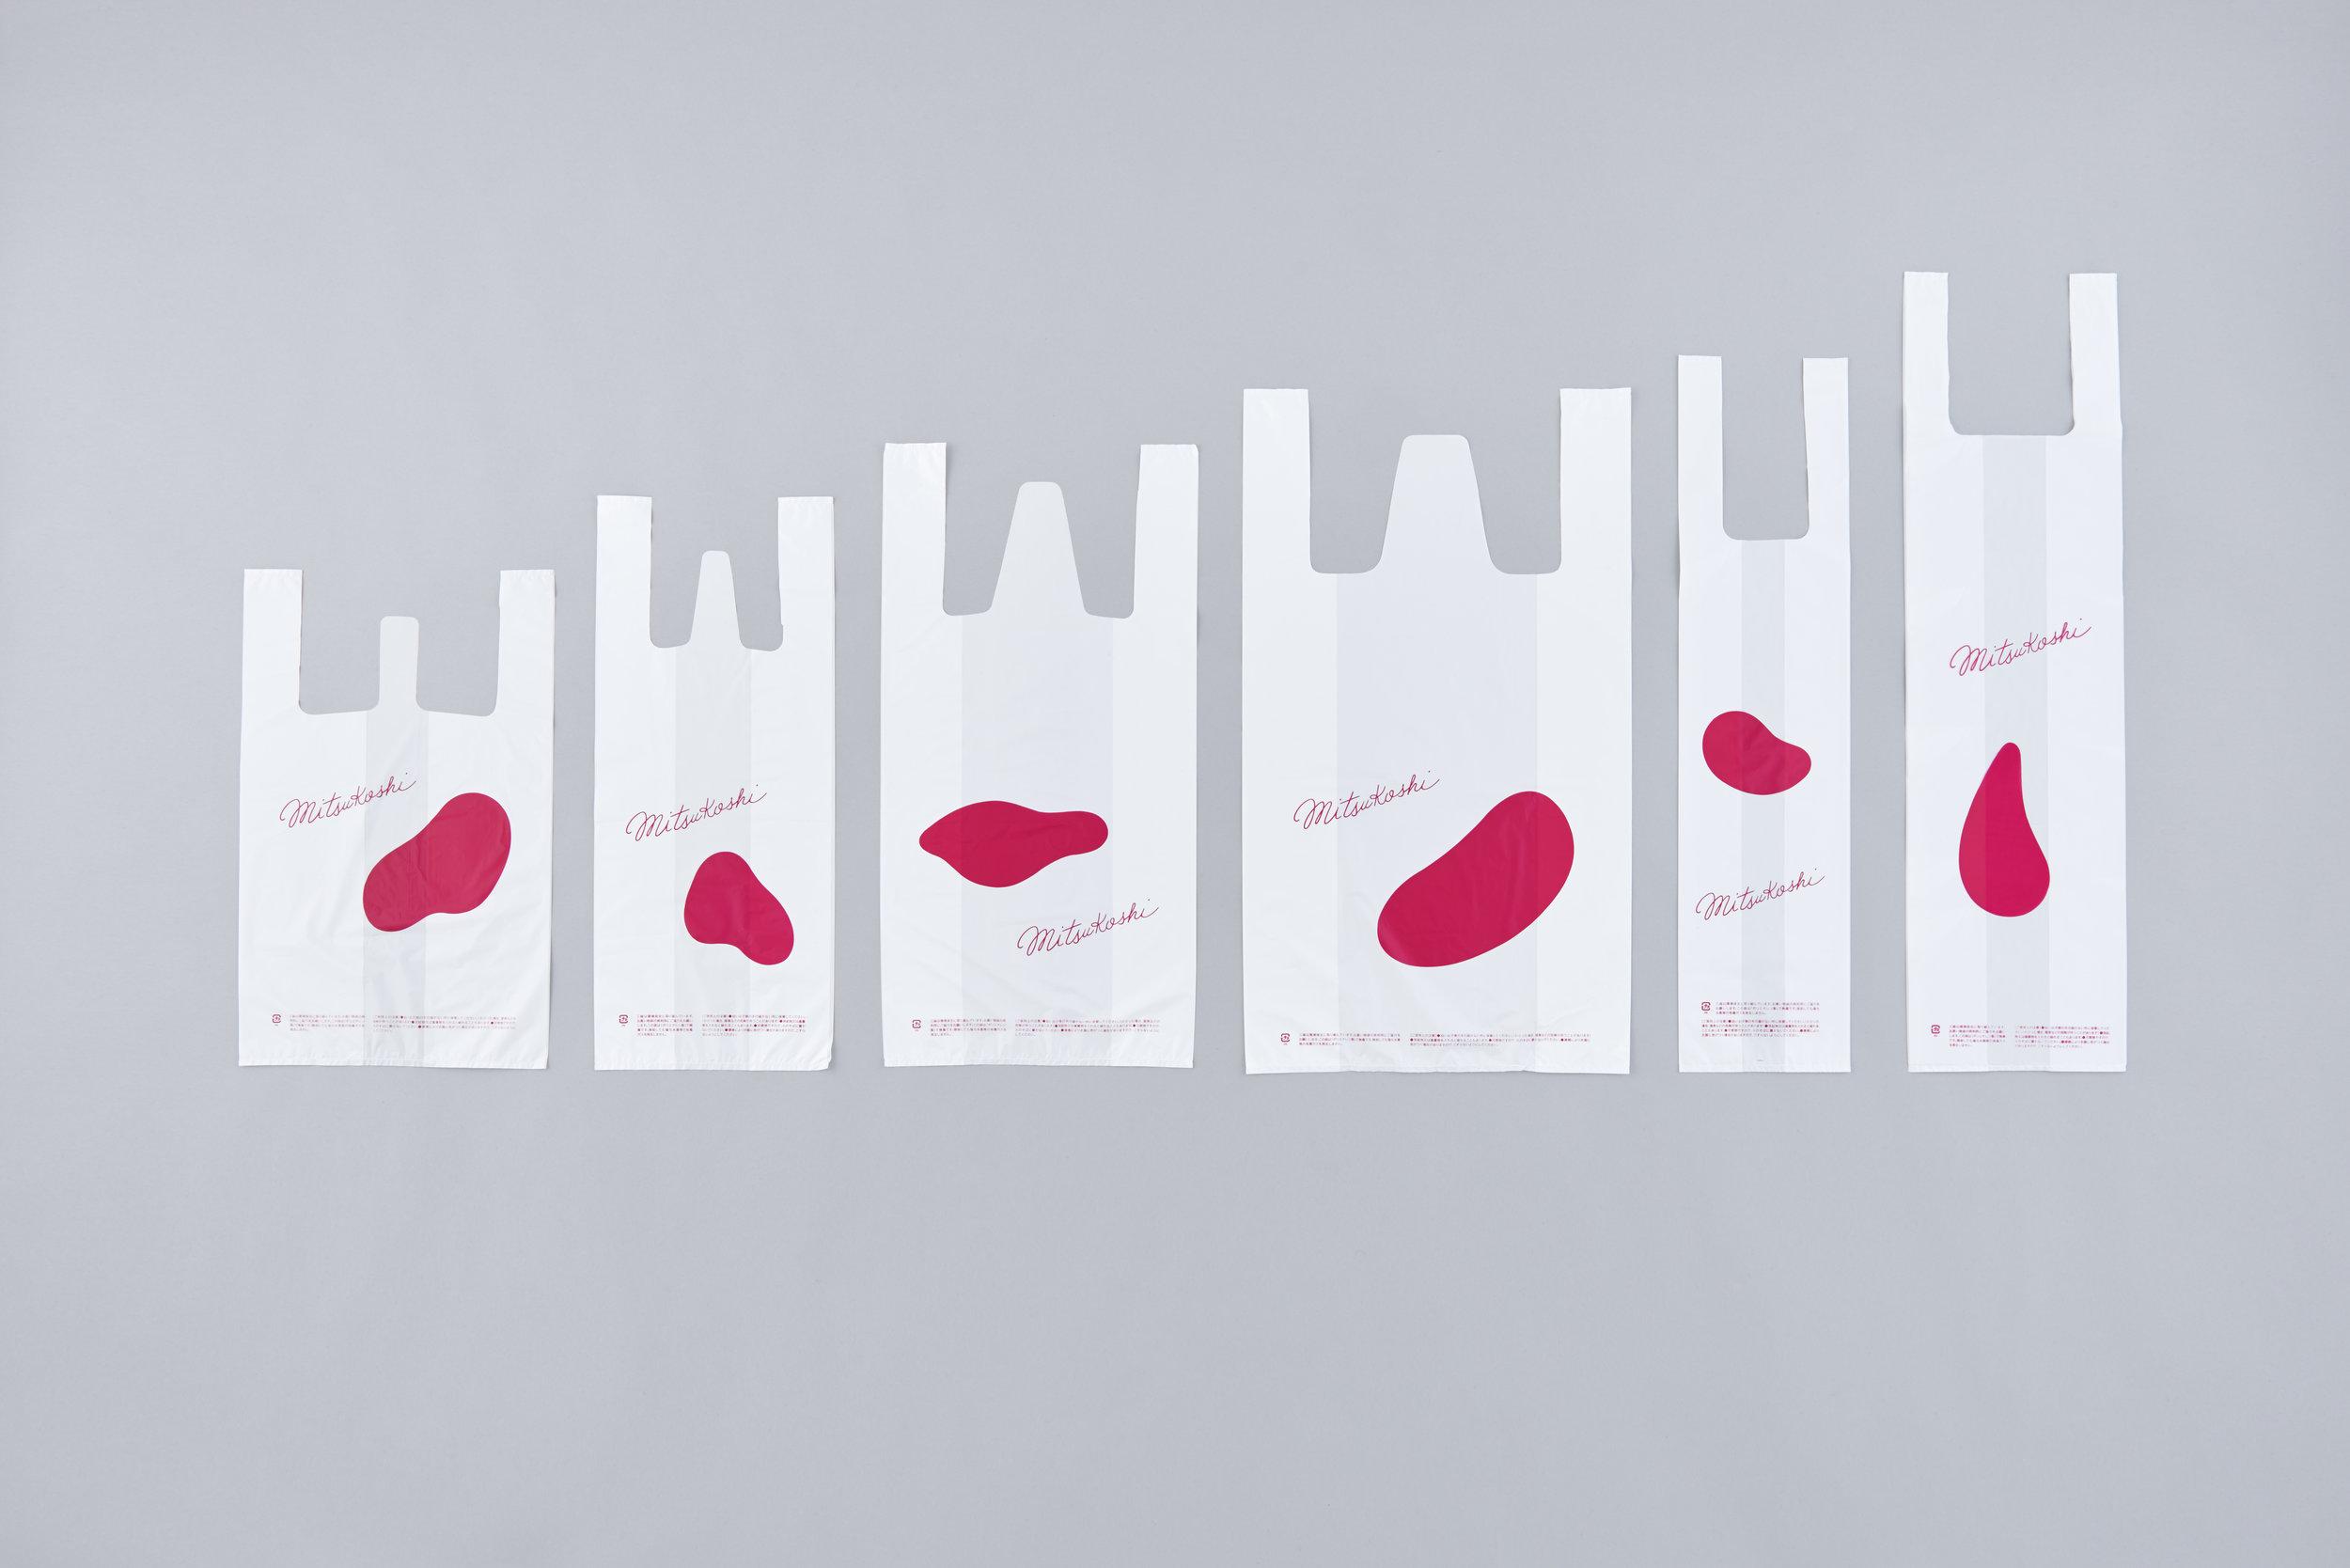 MITSUKOSHI HANA-HIRAKU Client: Isetan Mitsukoshi Ltd. Design Company: Ken Okamoto Design Office inc. Art Director / Designer: Ken Okamoto Art Work: Genichiro Inokuma Calligraphy: Takashi Yanase